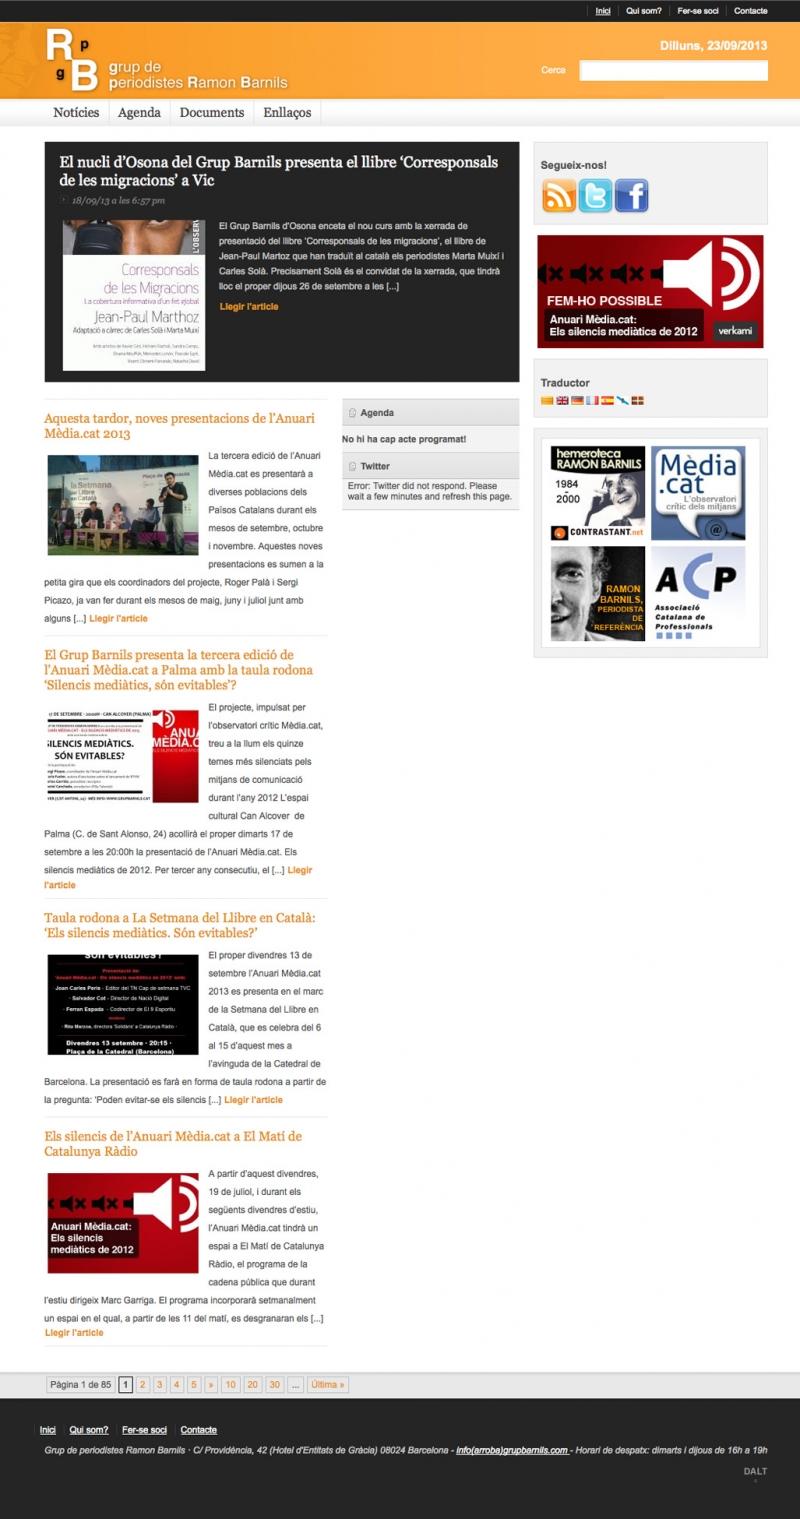 Pantalla inicial de la página web